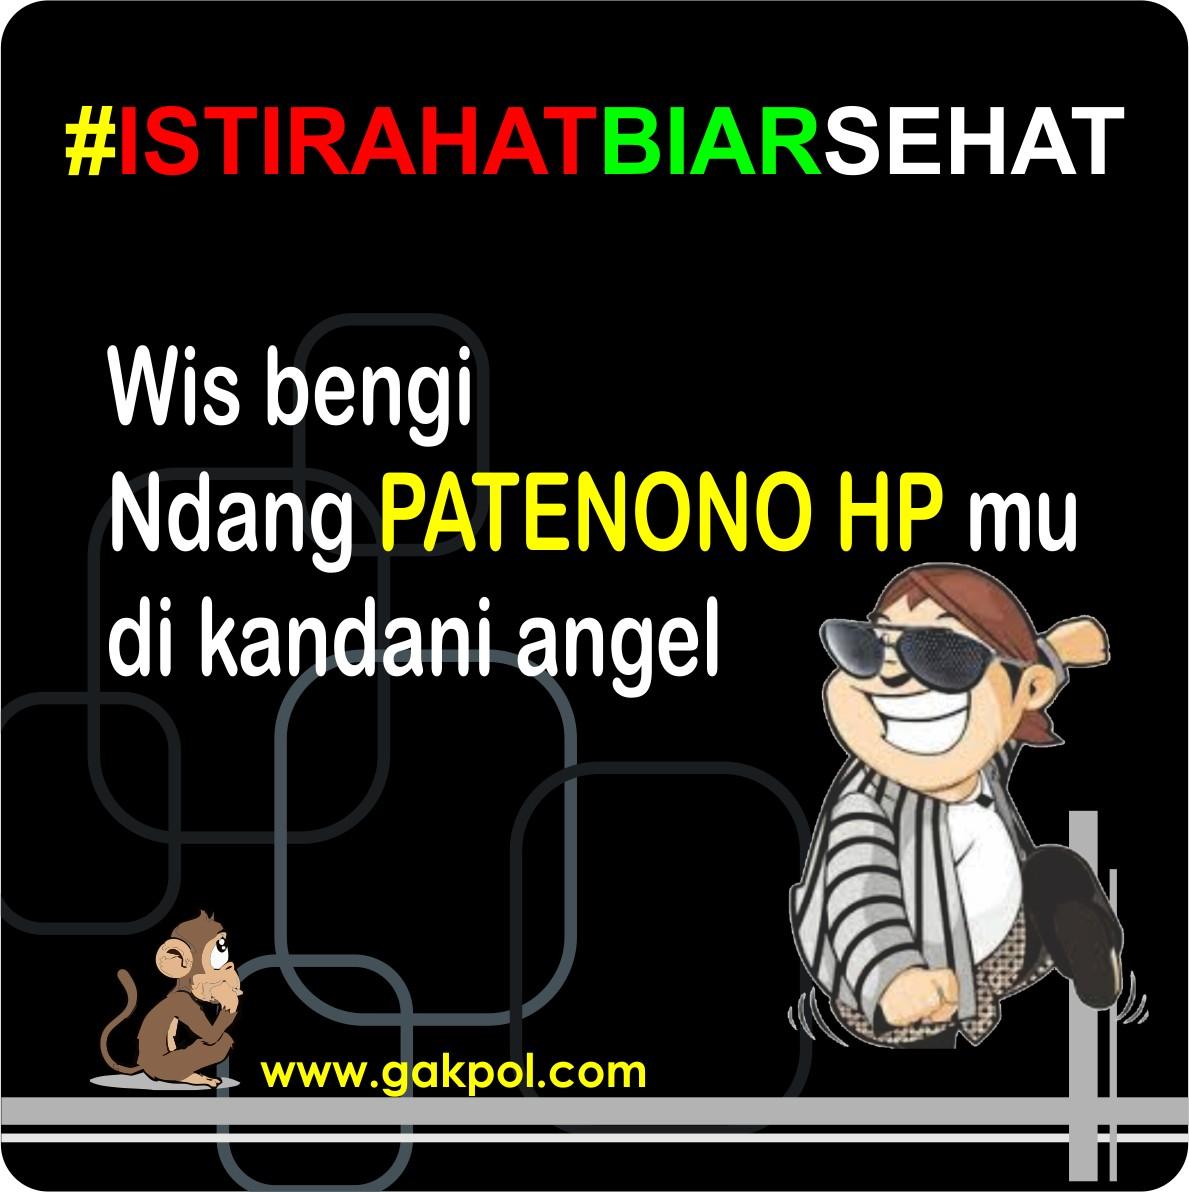 Bahasa Jawa Gambar Selamat Pagi Lucu Gambar Lucu Ucapan Selamat Pagi Bahasa Jawa